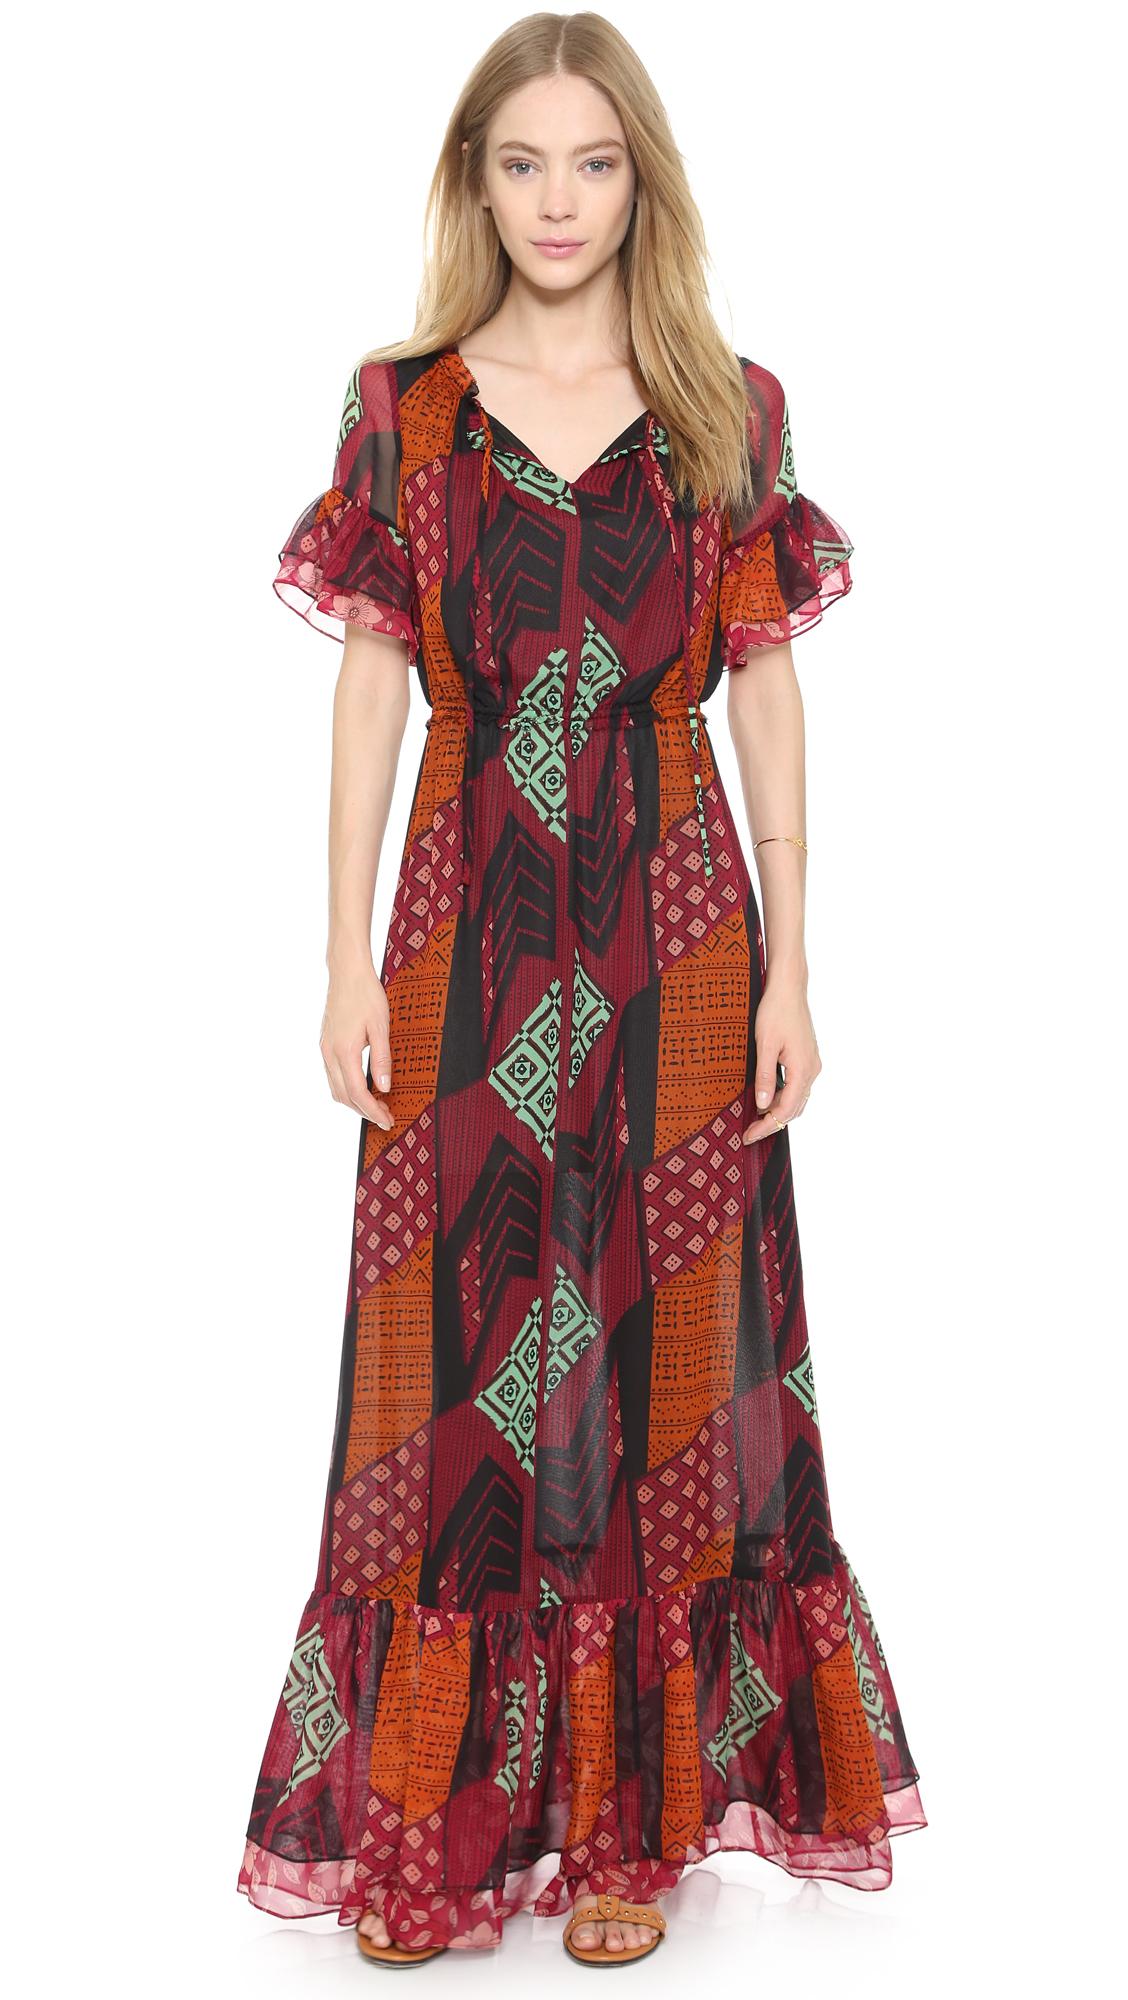 Diane von furstenberg Jane Maxi Dress - Ethnic Collage in Orange ...